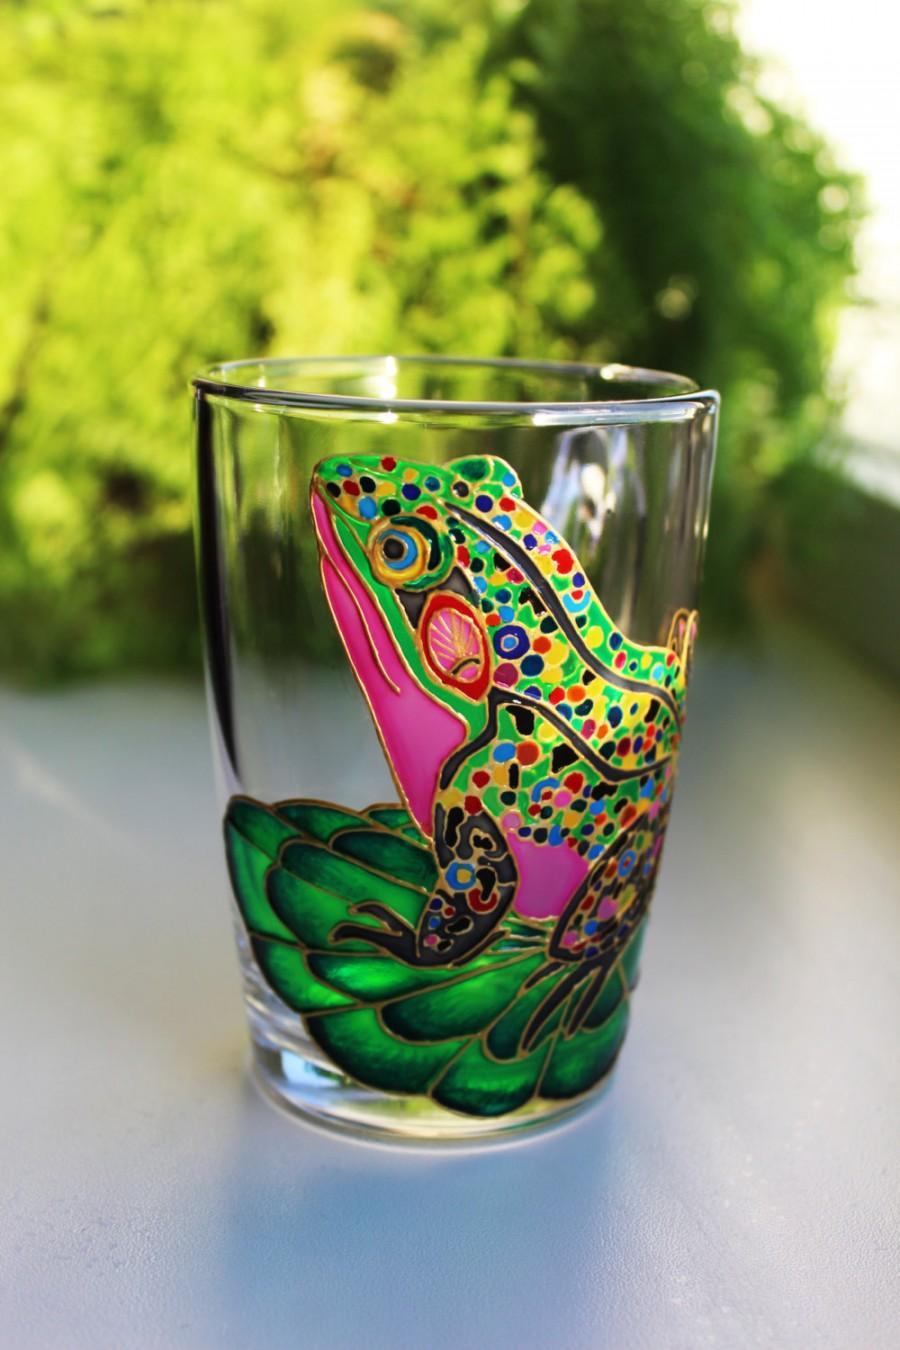 Wedding - Frog coffee Mug, Hand Painted mugs, Glass Coffee Mug, Funny mugs, frog mug, Custom mug, personalized mug, gift for her, unique mug